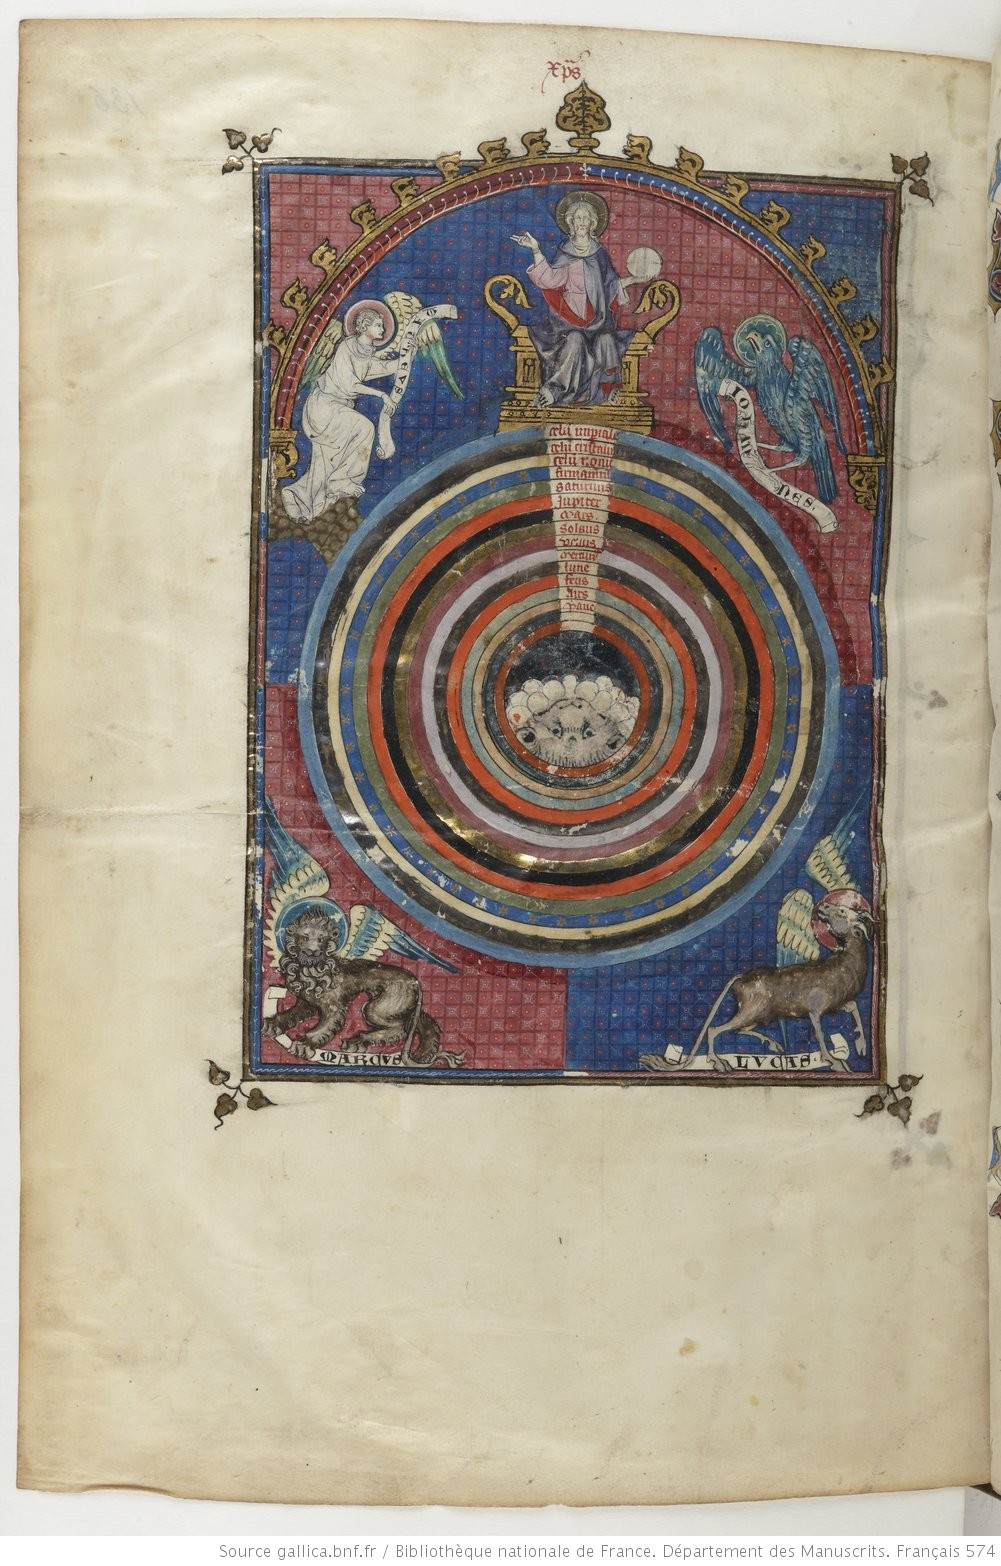 Gossouin_de_Metz_Image_du_Monde 1320-25 BnF, Français 146 fol 136v Gallica